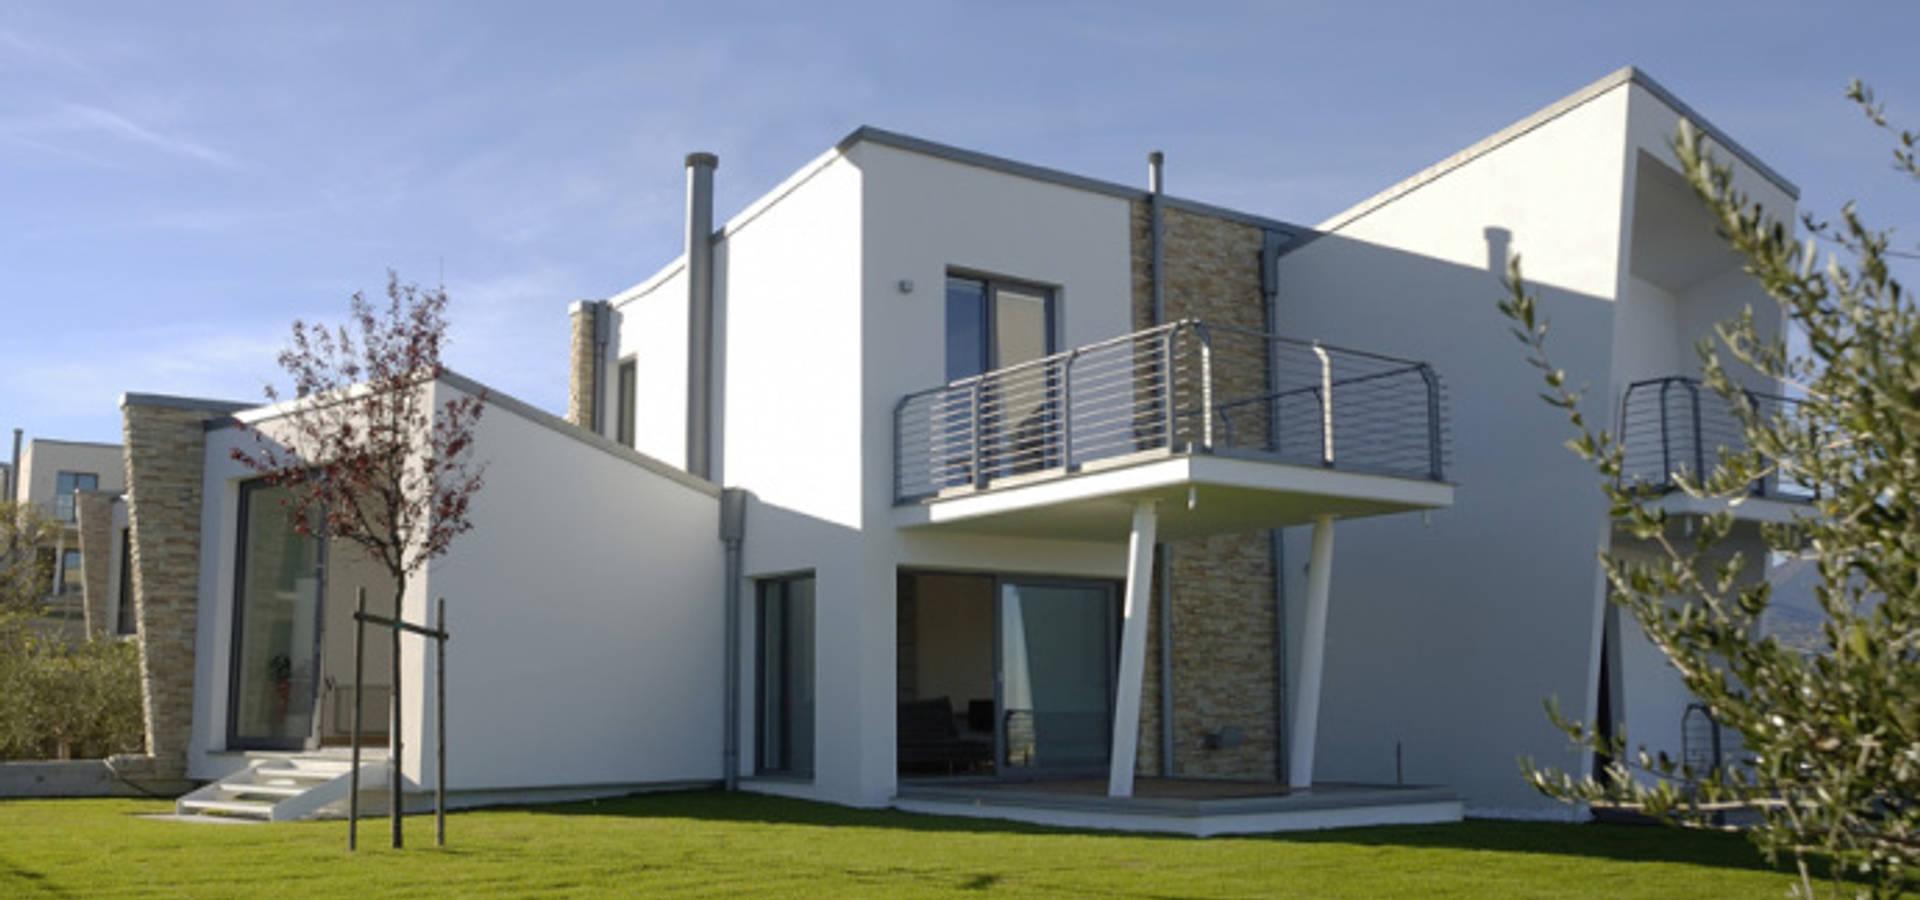 Complesso residenziale mirante di pomp0ni associati srl for Piani di appartamenti moderni